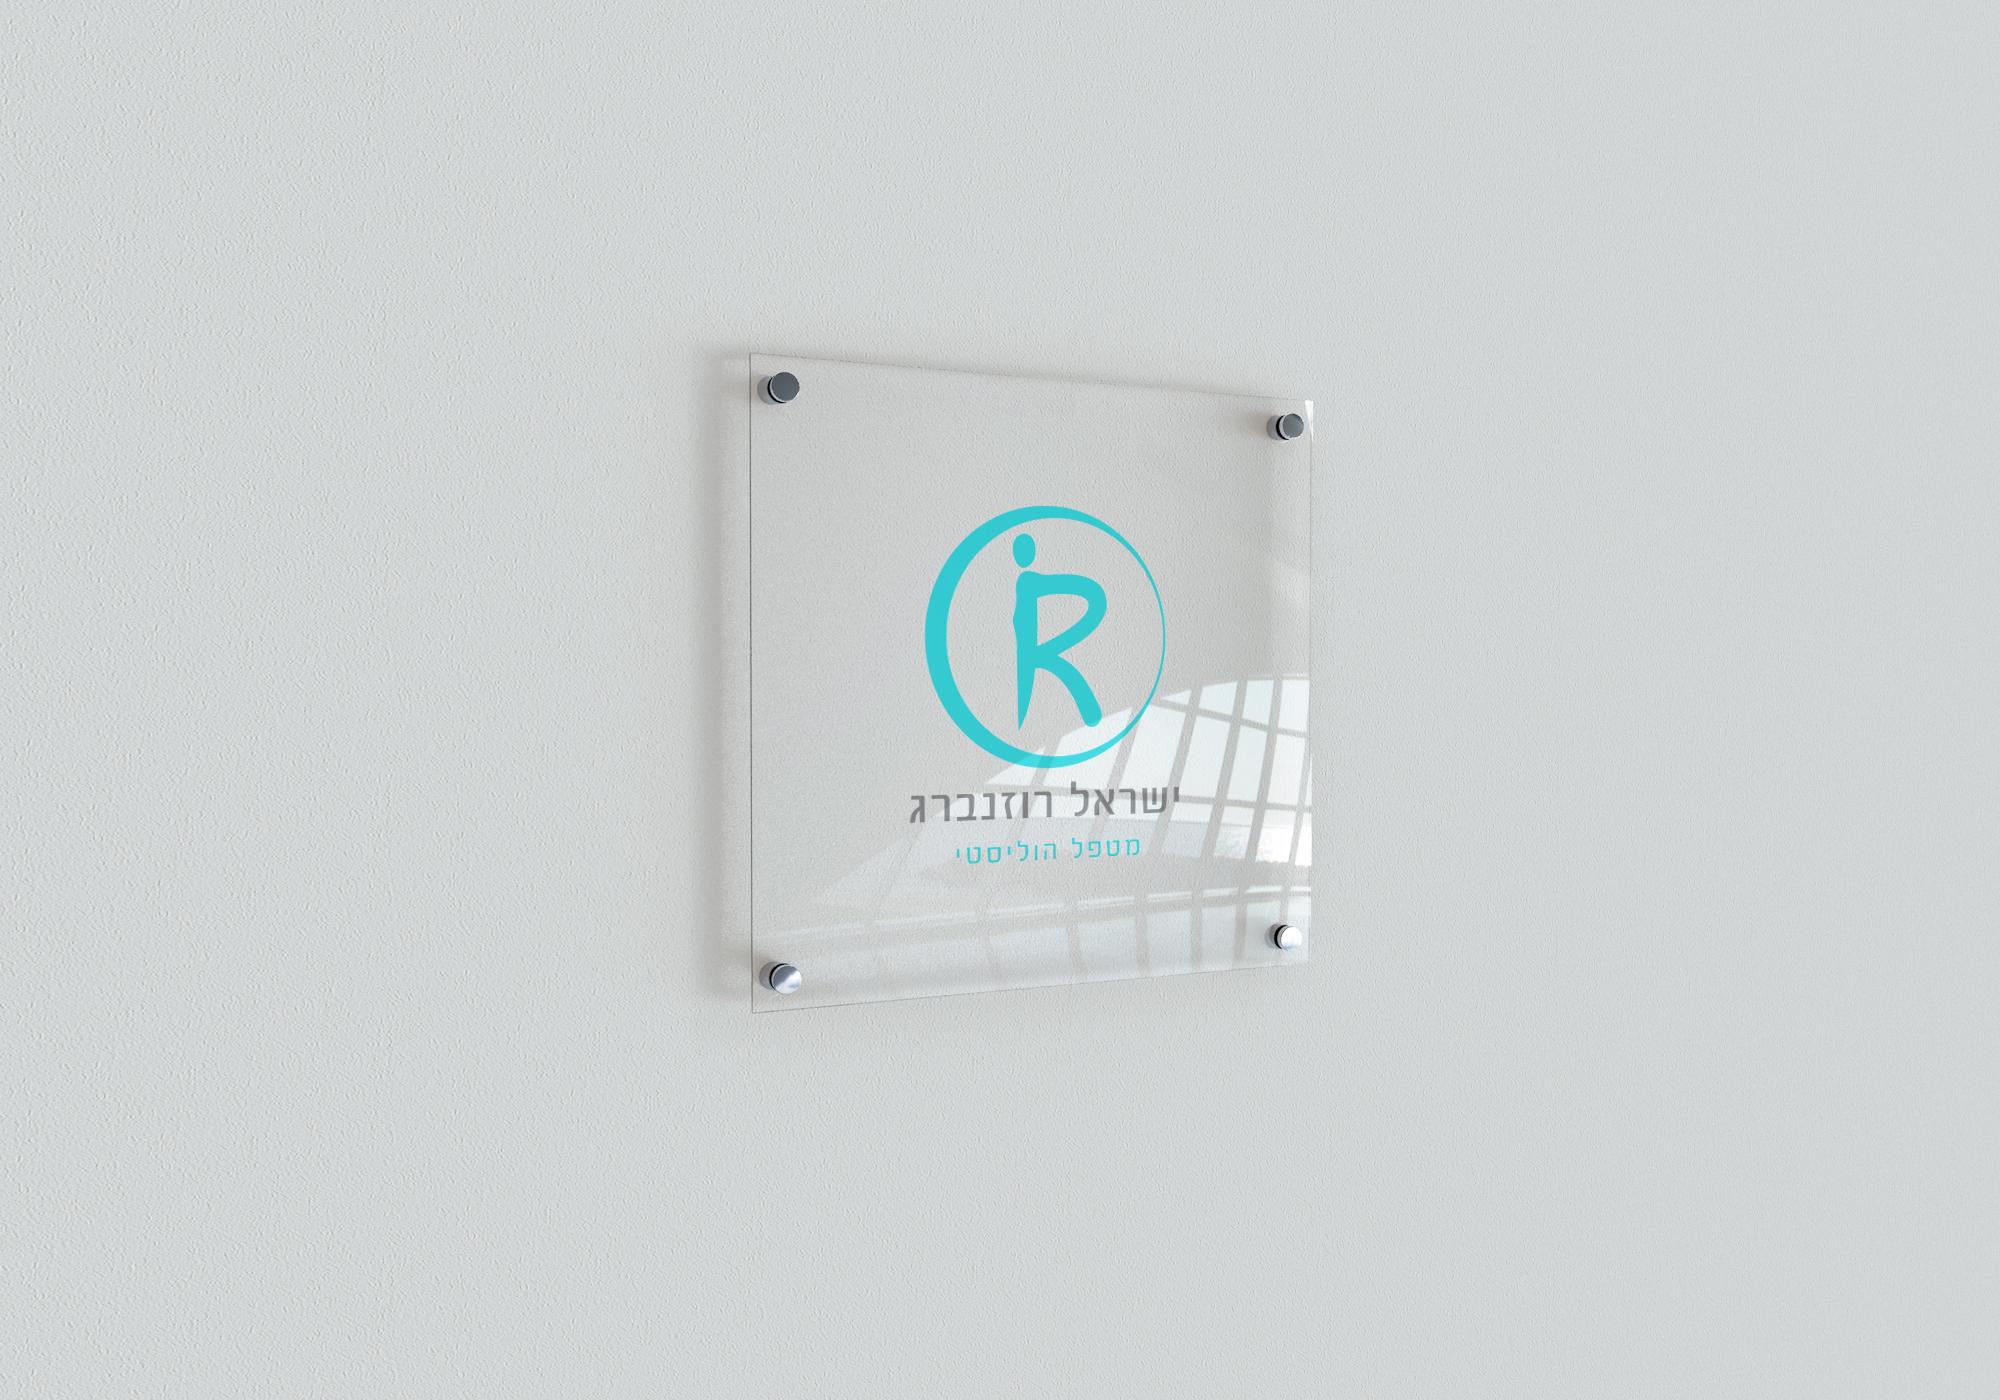 מוקאפ לוגו שלט זכוכית קטן מחובר לקיר בברגים